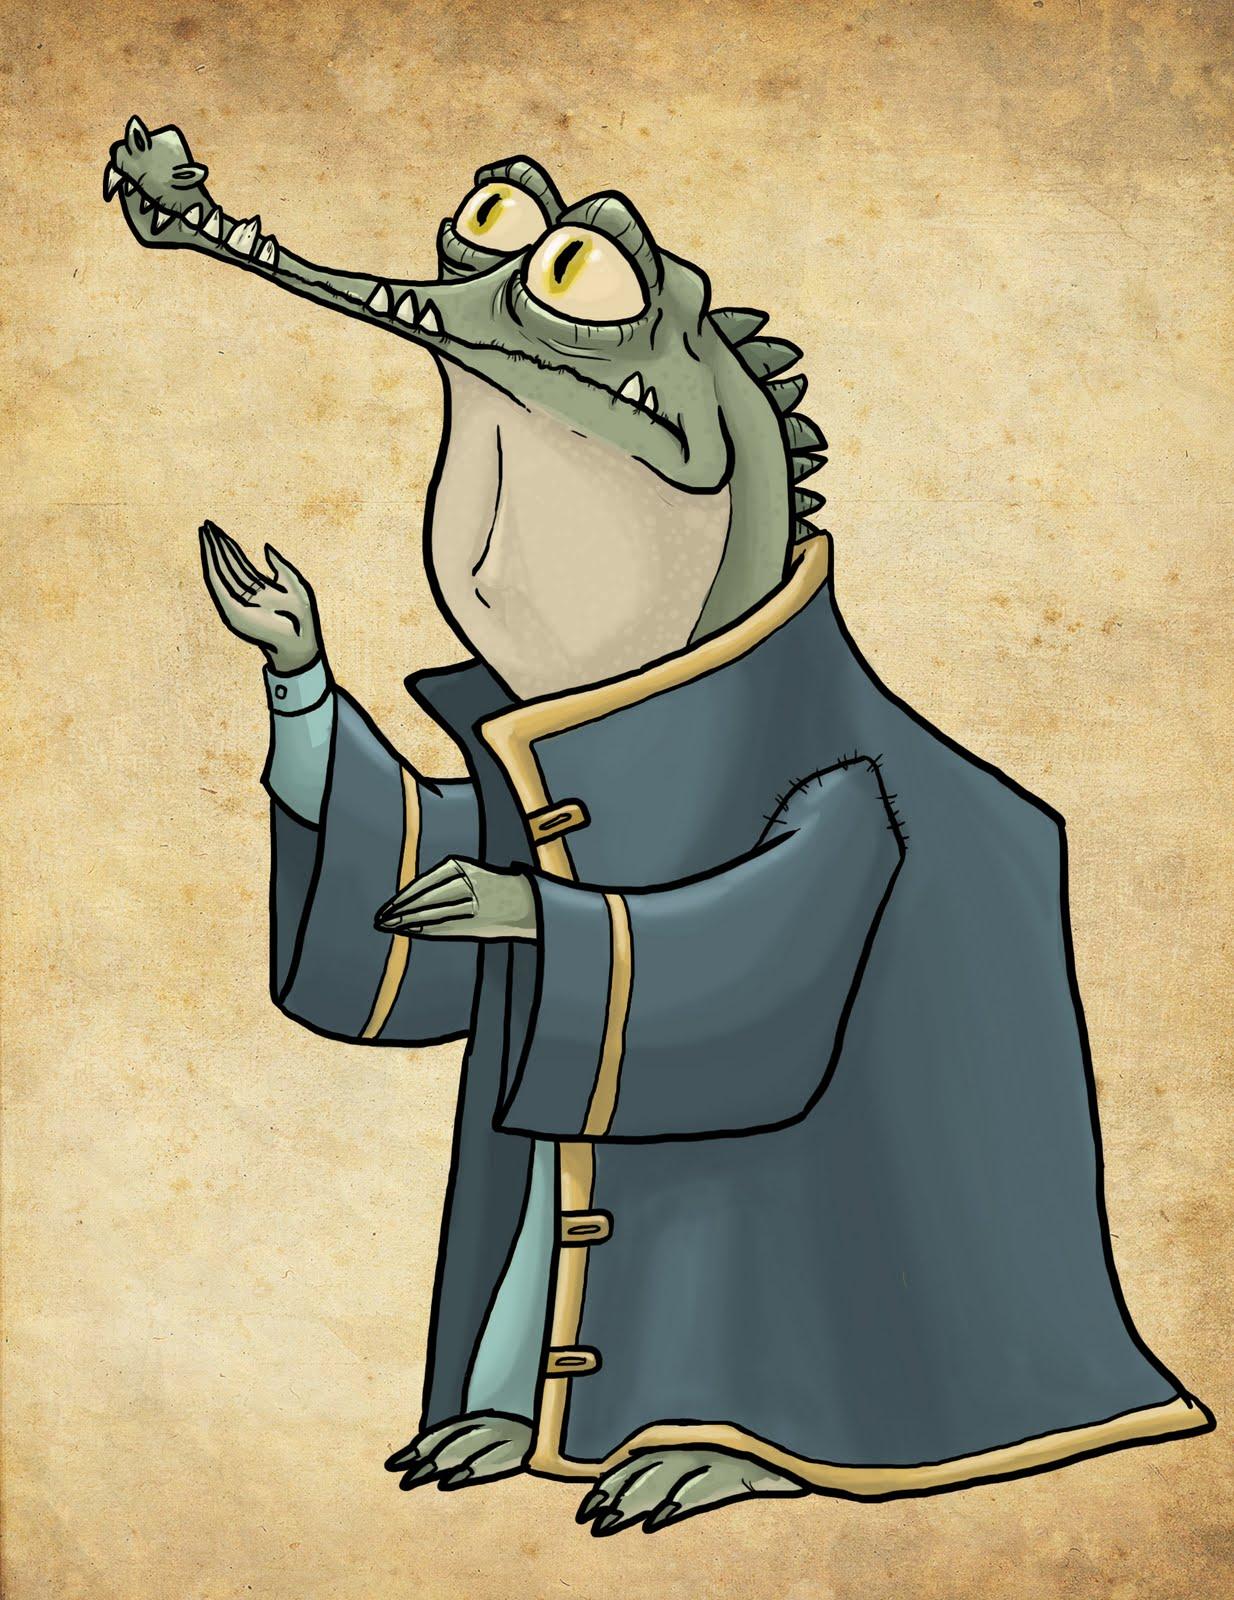 http://4.bp.blogspot.com/-AInyduM3ocM/TXjZEeVordI/AAAAAAAAAQY/7USyFITqB1o/s1600/crocodile_WIP012.jpg